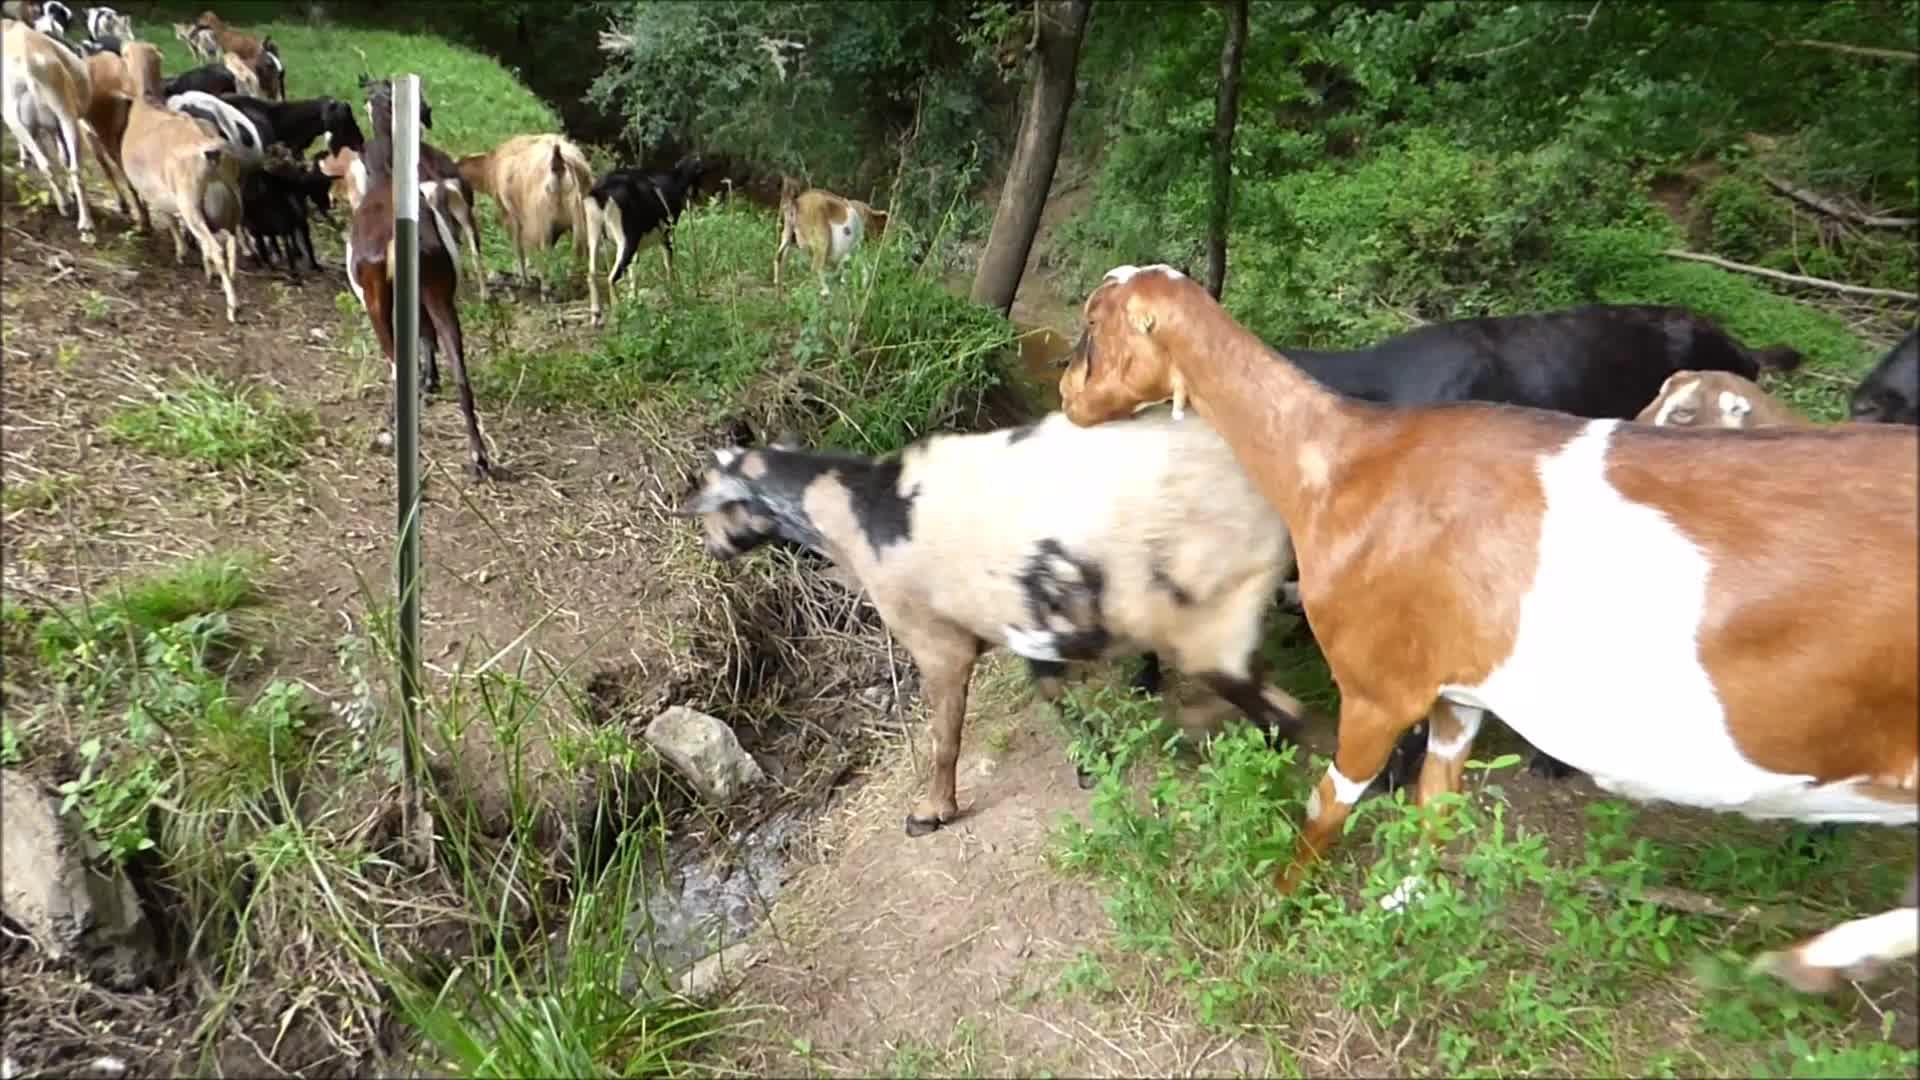 goat parkour, goatparkour, goats, knsfarm, Tame Group Parkour GIFs